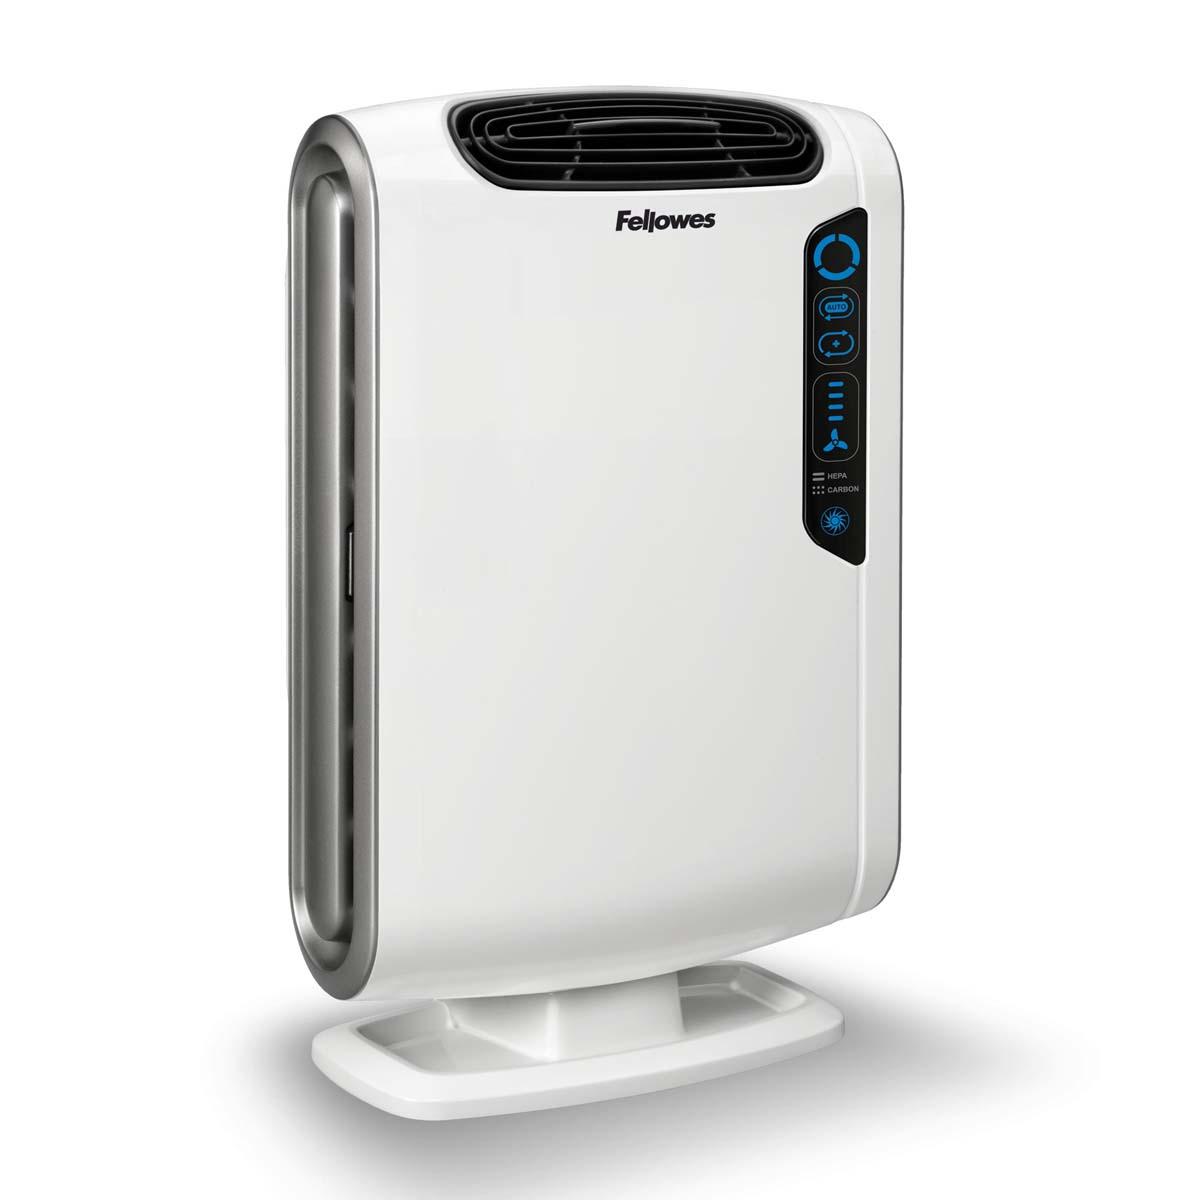 Fellowes Aeramax DX55 воздухоочистительFS-93935Воздухоочиститель Fellowes AeraMax DX55 предназначен для эффективной очистки воздуха в помещении площадью до 18 м2 Воздух проходит 4 степени очистки, что позволяет значительно улучшить качество воздуха внутри помещений, удалив 99.97% загрязняющих частиц. Угольный фильтр удаляет запахи, химические загрязнения и крупные частицы, переносимые по воздуху. True HEPA фильтр задерживает 99.97% частиц размером от 0.3 микрон, включая споры плесени, пыльцу растений, пылевых клещей, большинство бактерий, аллергенов и сигаретный дым. Антибактериальная обработка AeraSafe™– встроенная защита от роста бактерий, вызывающих неприятный запах, плесени и грибков на фильтре True HEPA. Технология PlasmaTRUE™ безопасно удаляет содержащиеся в воздухе загрязняющие вещества, мгновенно нейтрализуя вирусы и микробы. Воздухоочиститель прост в работе и обладает удобным пользовательским интерфейсом. В режиме работы АВТО, датчики оценивают изменения качества воздуха в помещении, на основании чего...